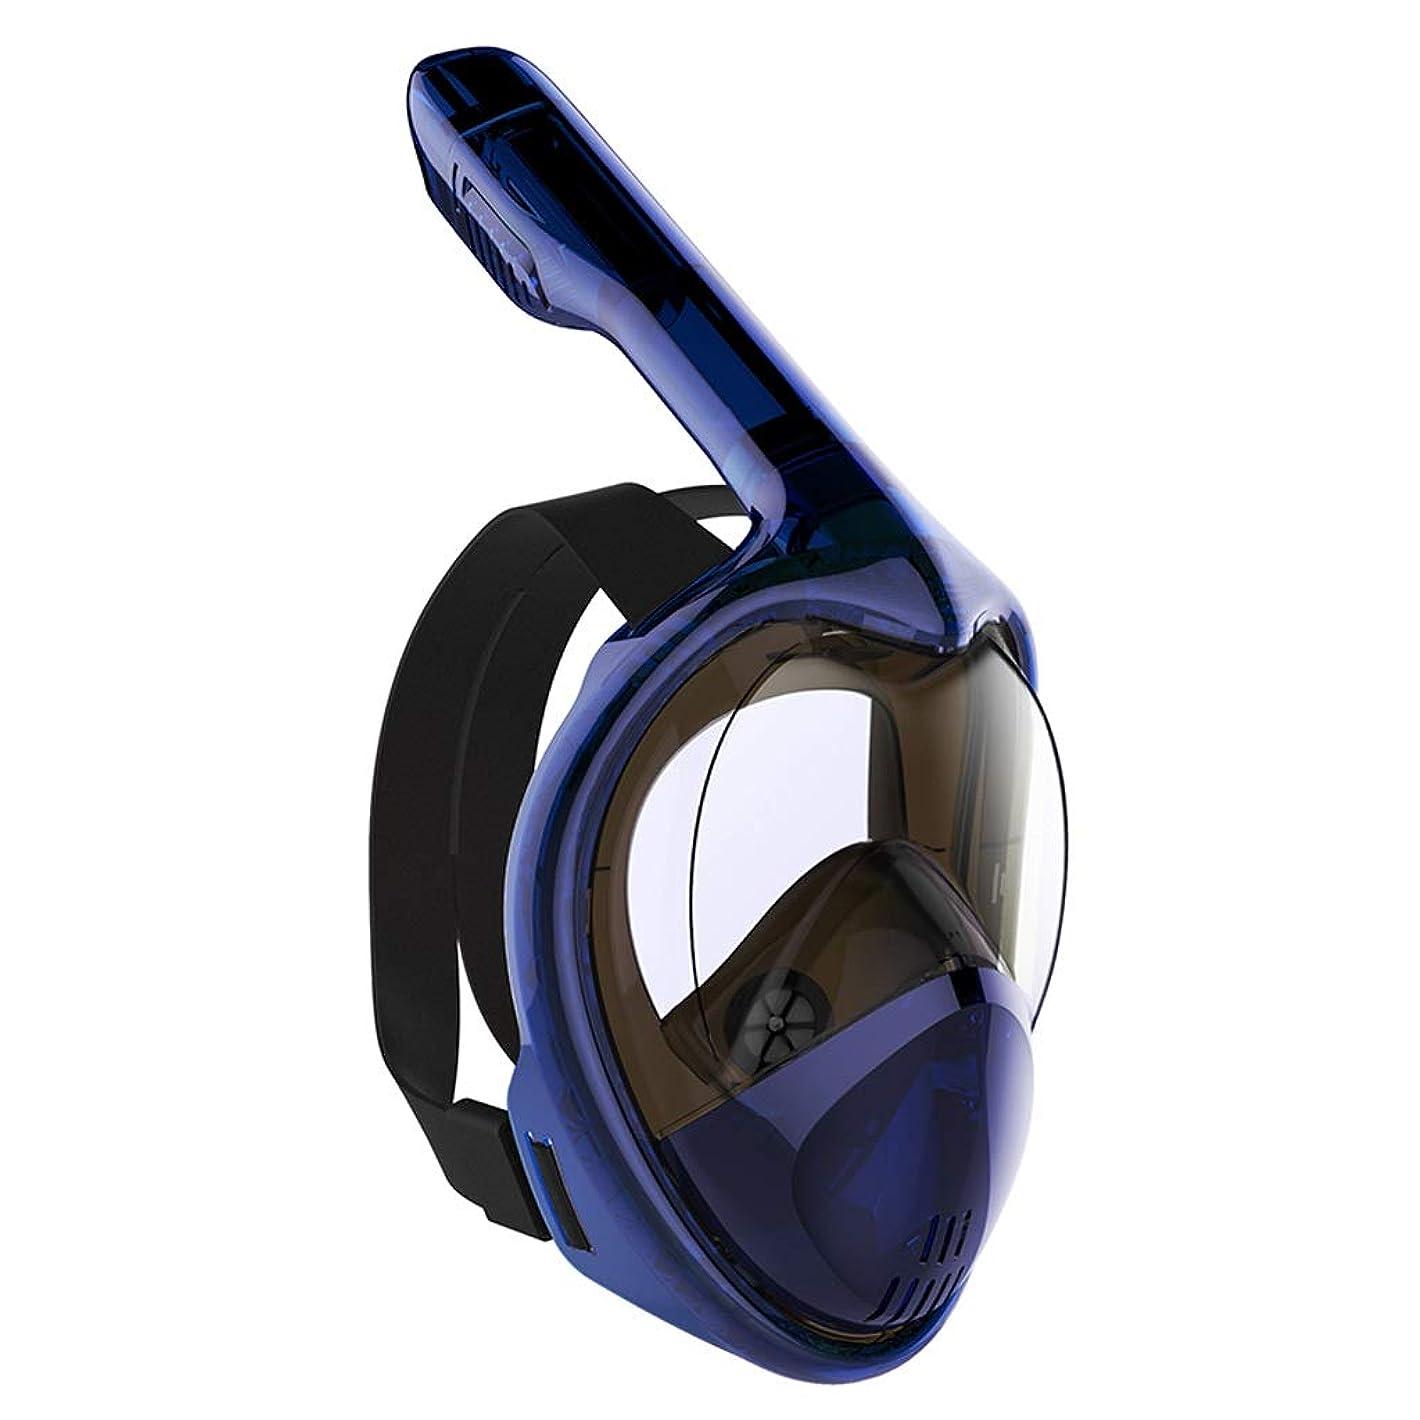 ホールドライオンスクレーパー海 180°ダイビングマスクスキューバマスク水中アンチフォグフルフェイススノーケリングマスク女性男性子供水泳シュノーケル 呼吸とビジョン (Color : Blue, サイズ : M)